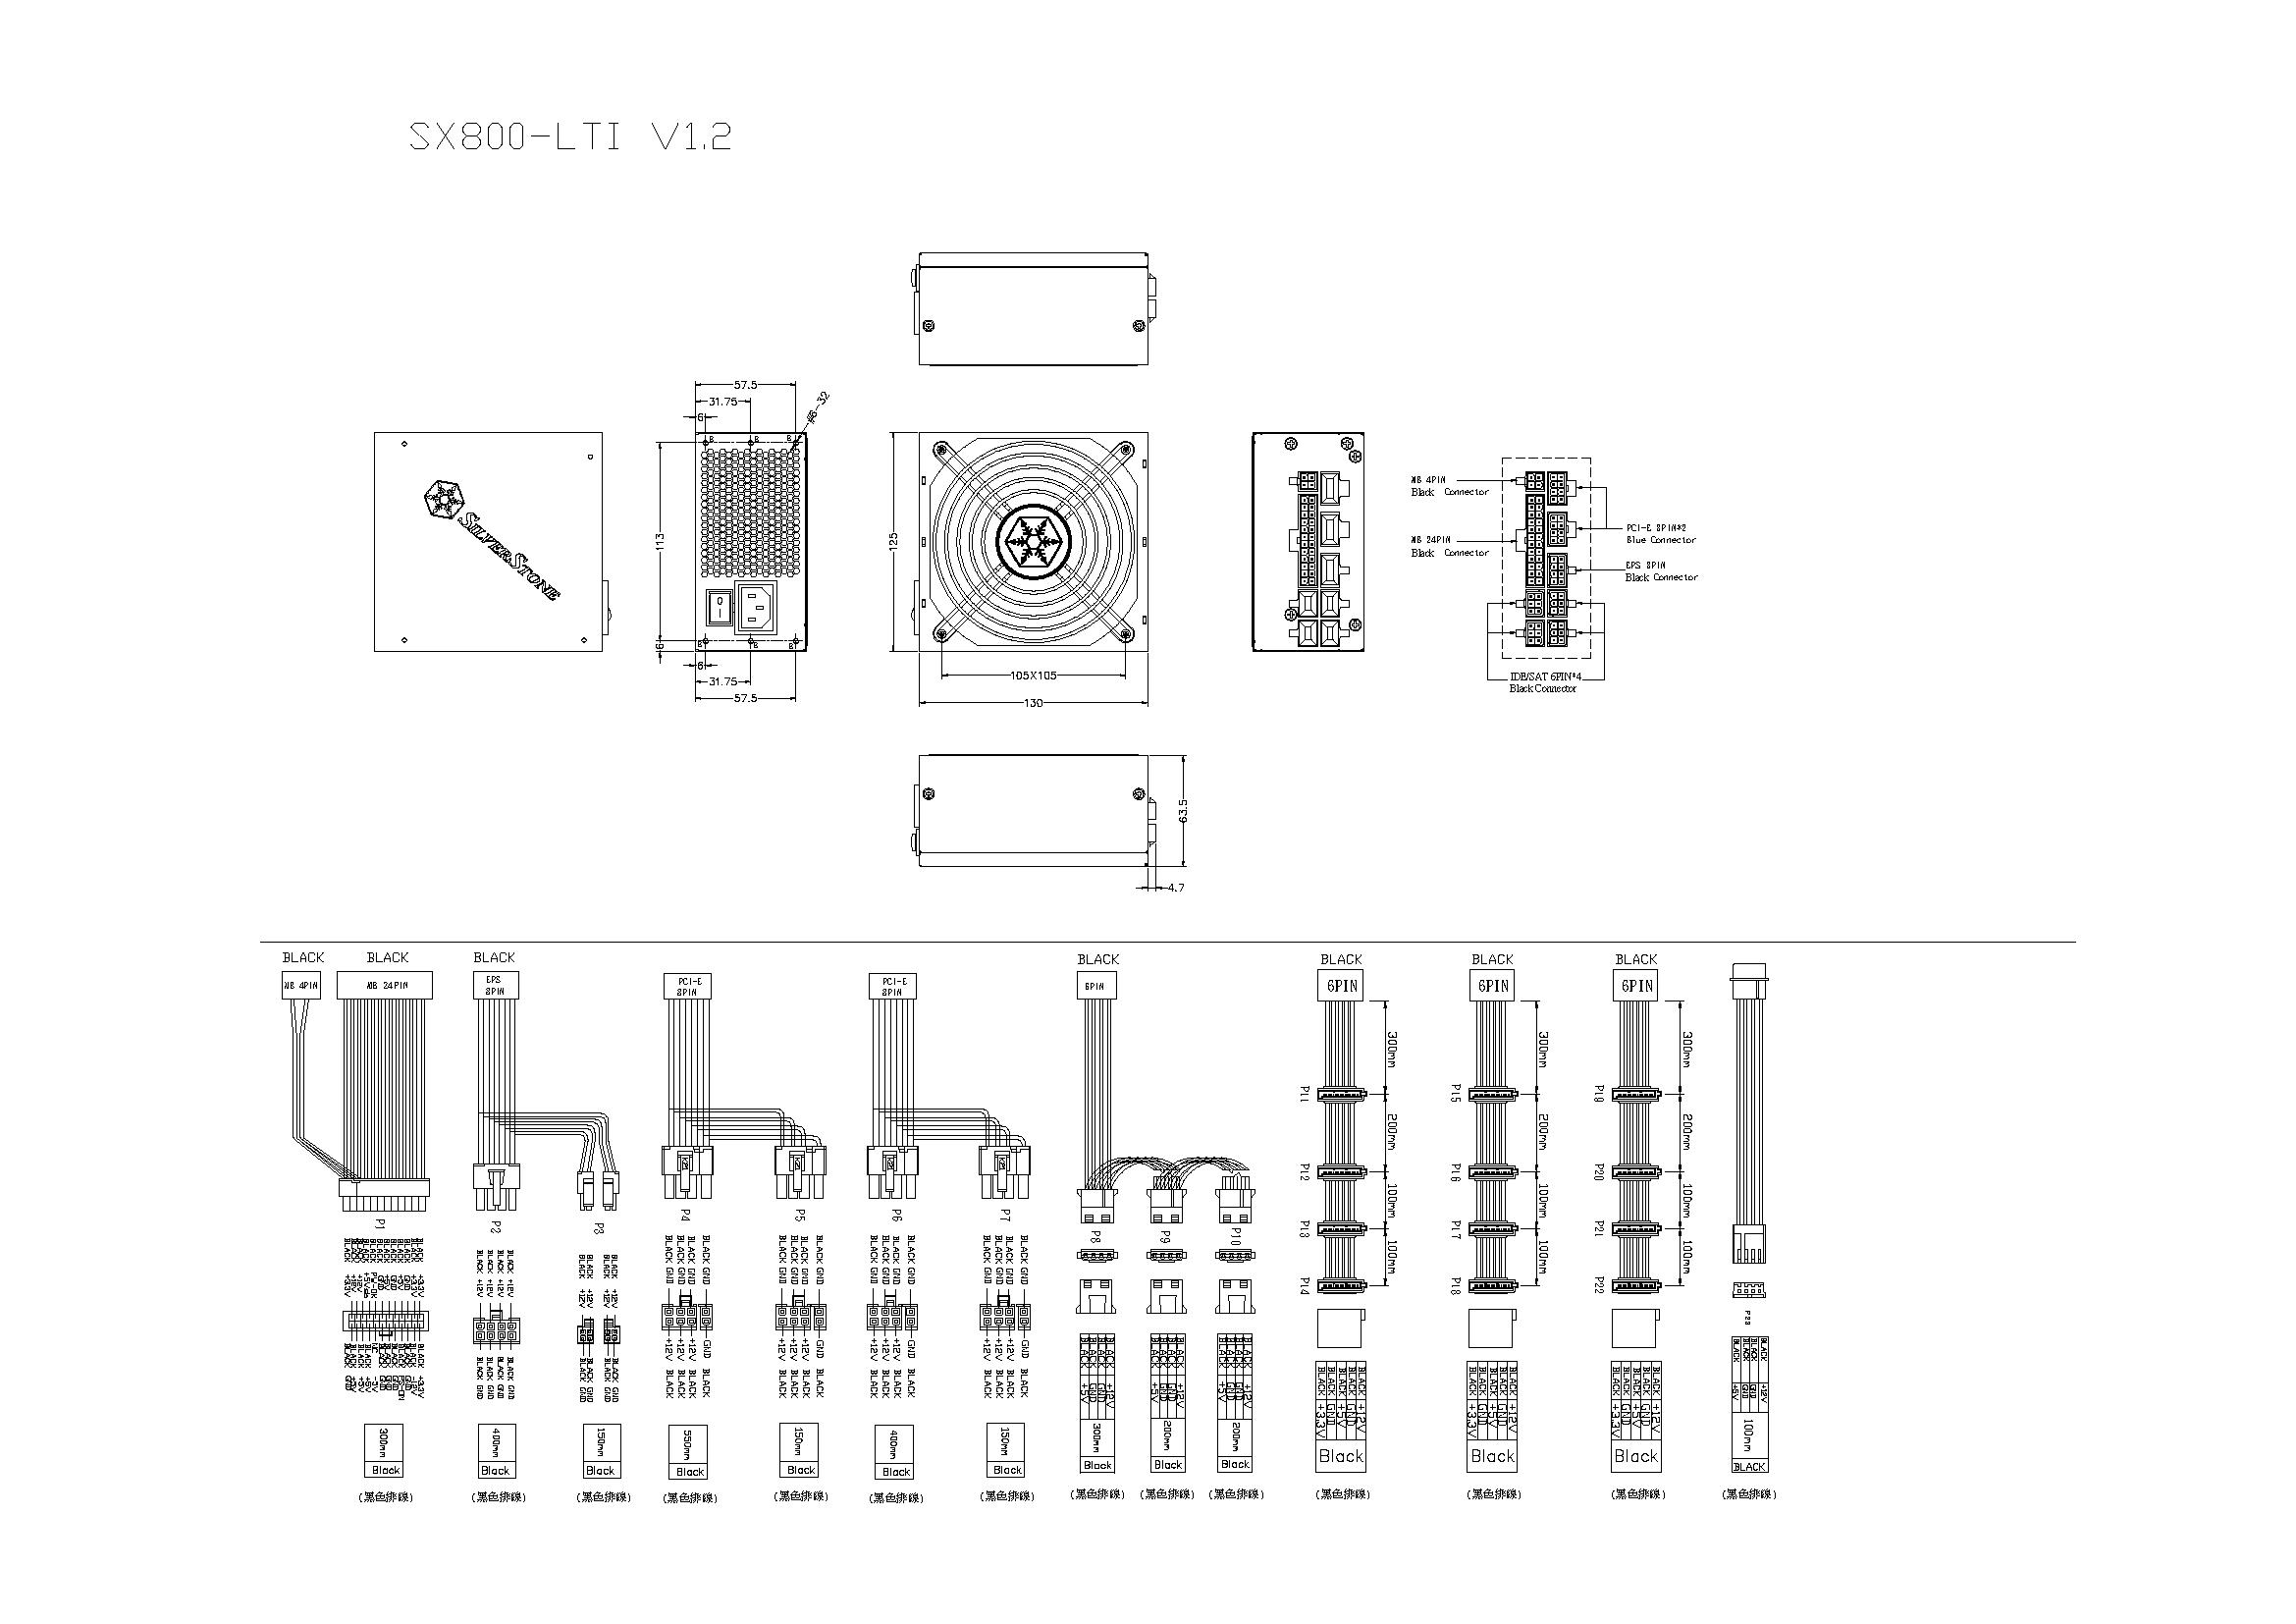 sx800-lti-v12-cable-define.png